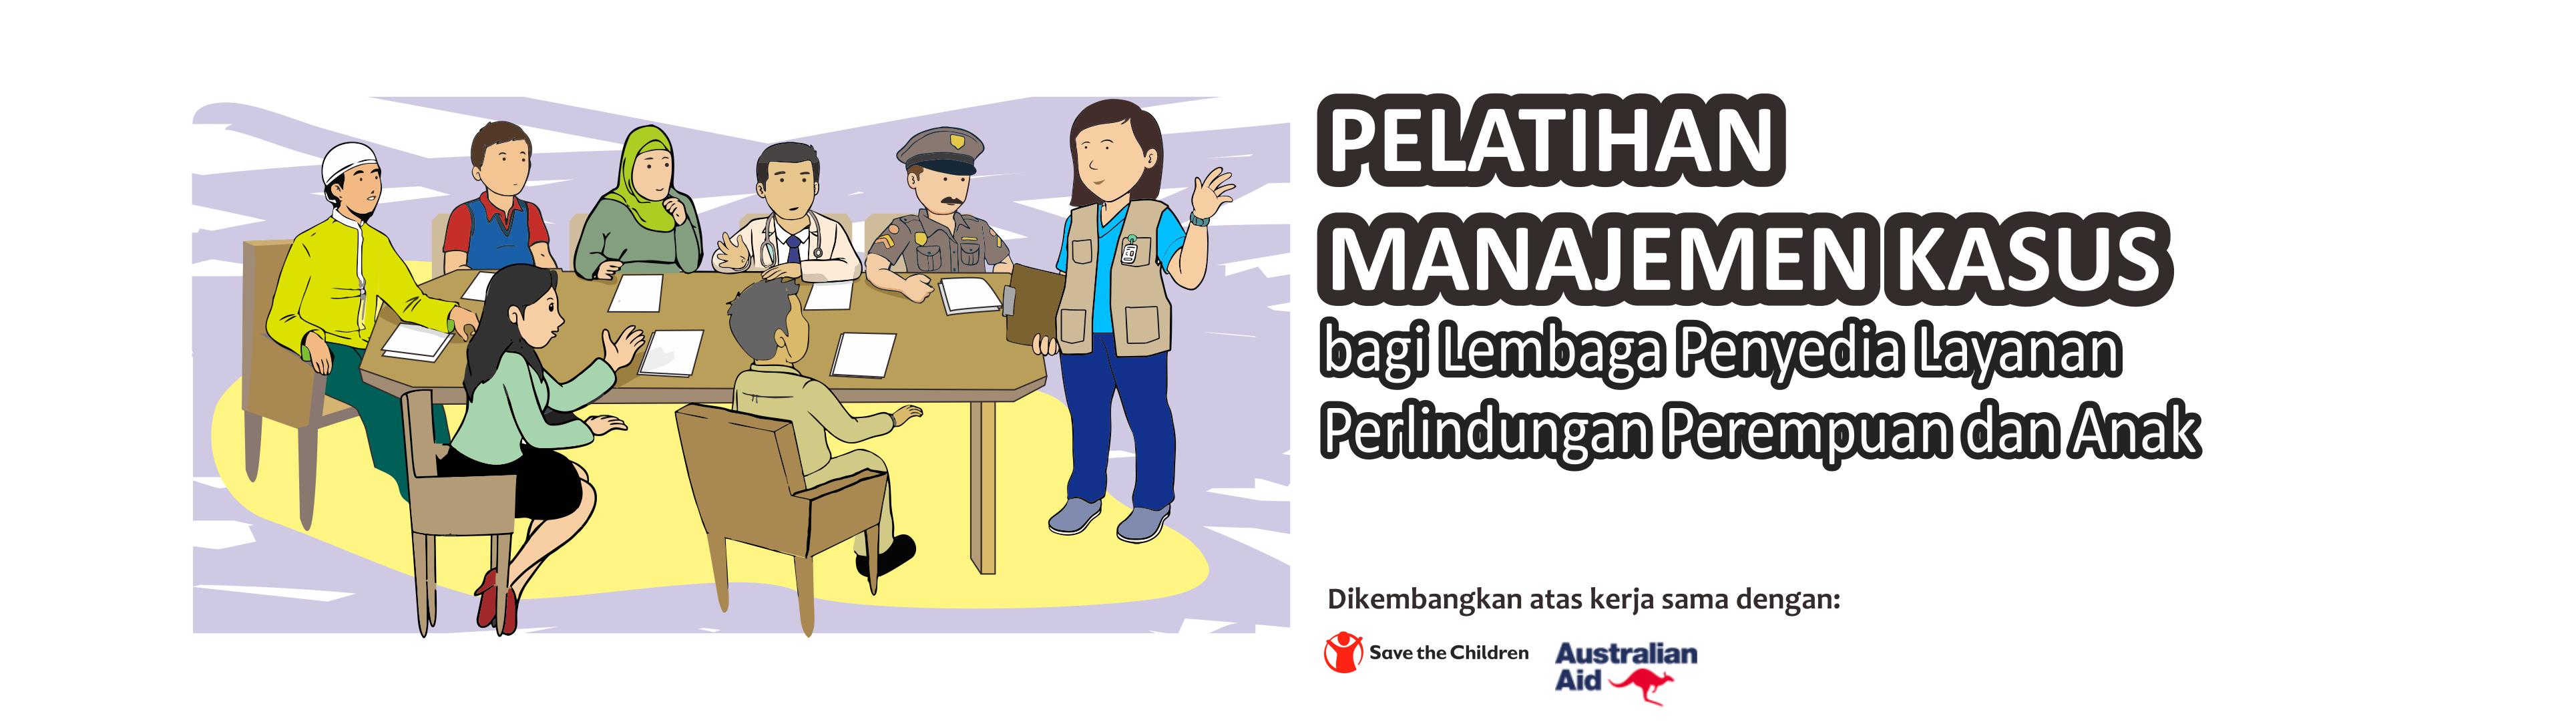 Manajemen Kasus dalam Perlindungan Anak